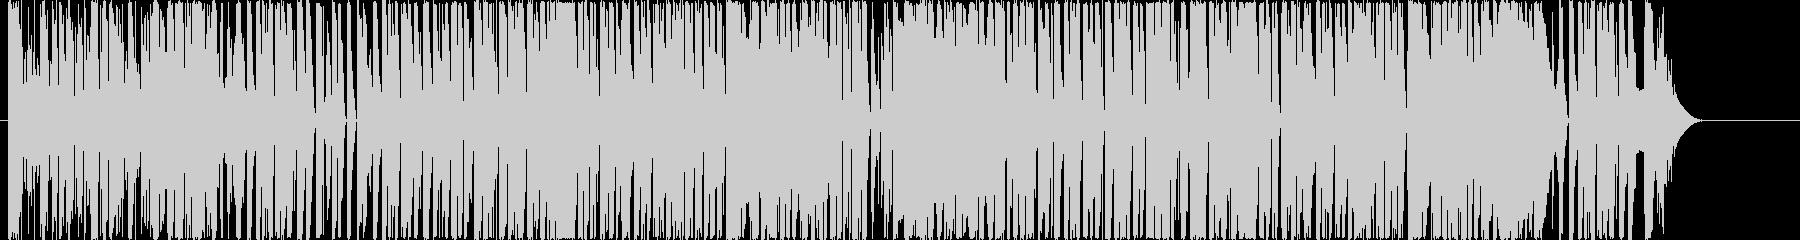 馬鹿っぽいHIPHOP ボイパ有りの未再生の波形